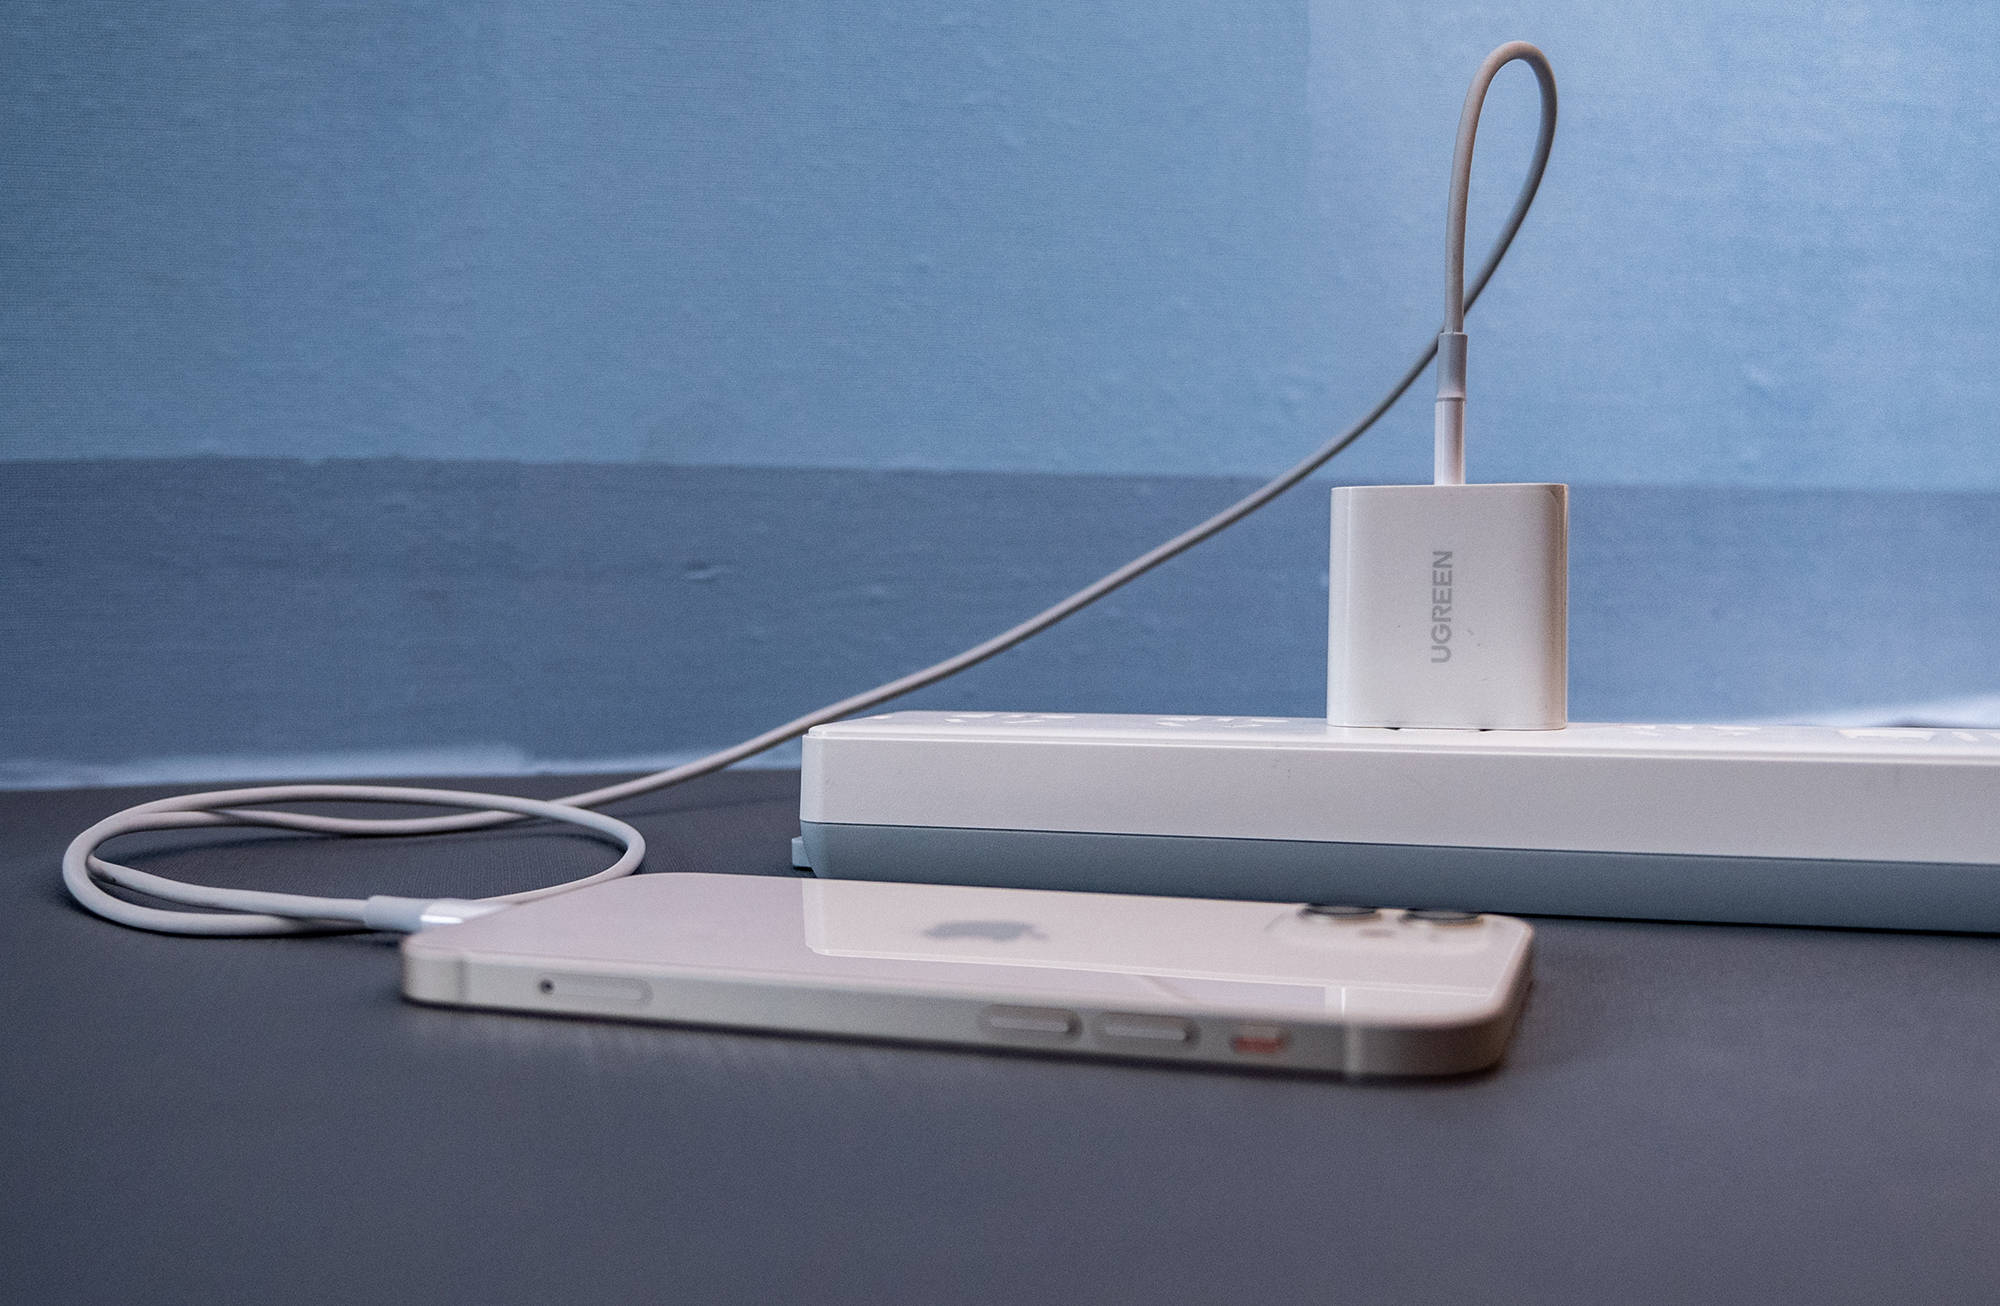 原创             还是苹果会玩,要改用苹果笔记本为手机充电?网友评论炸了